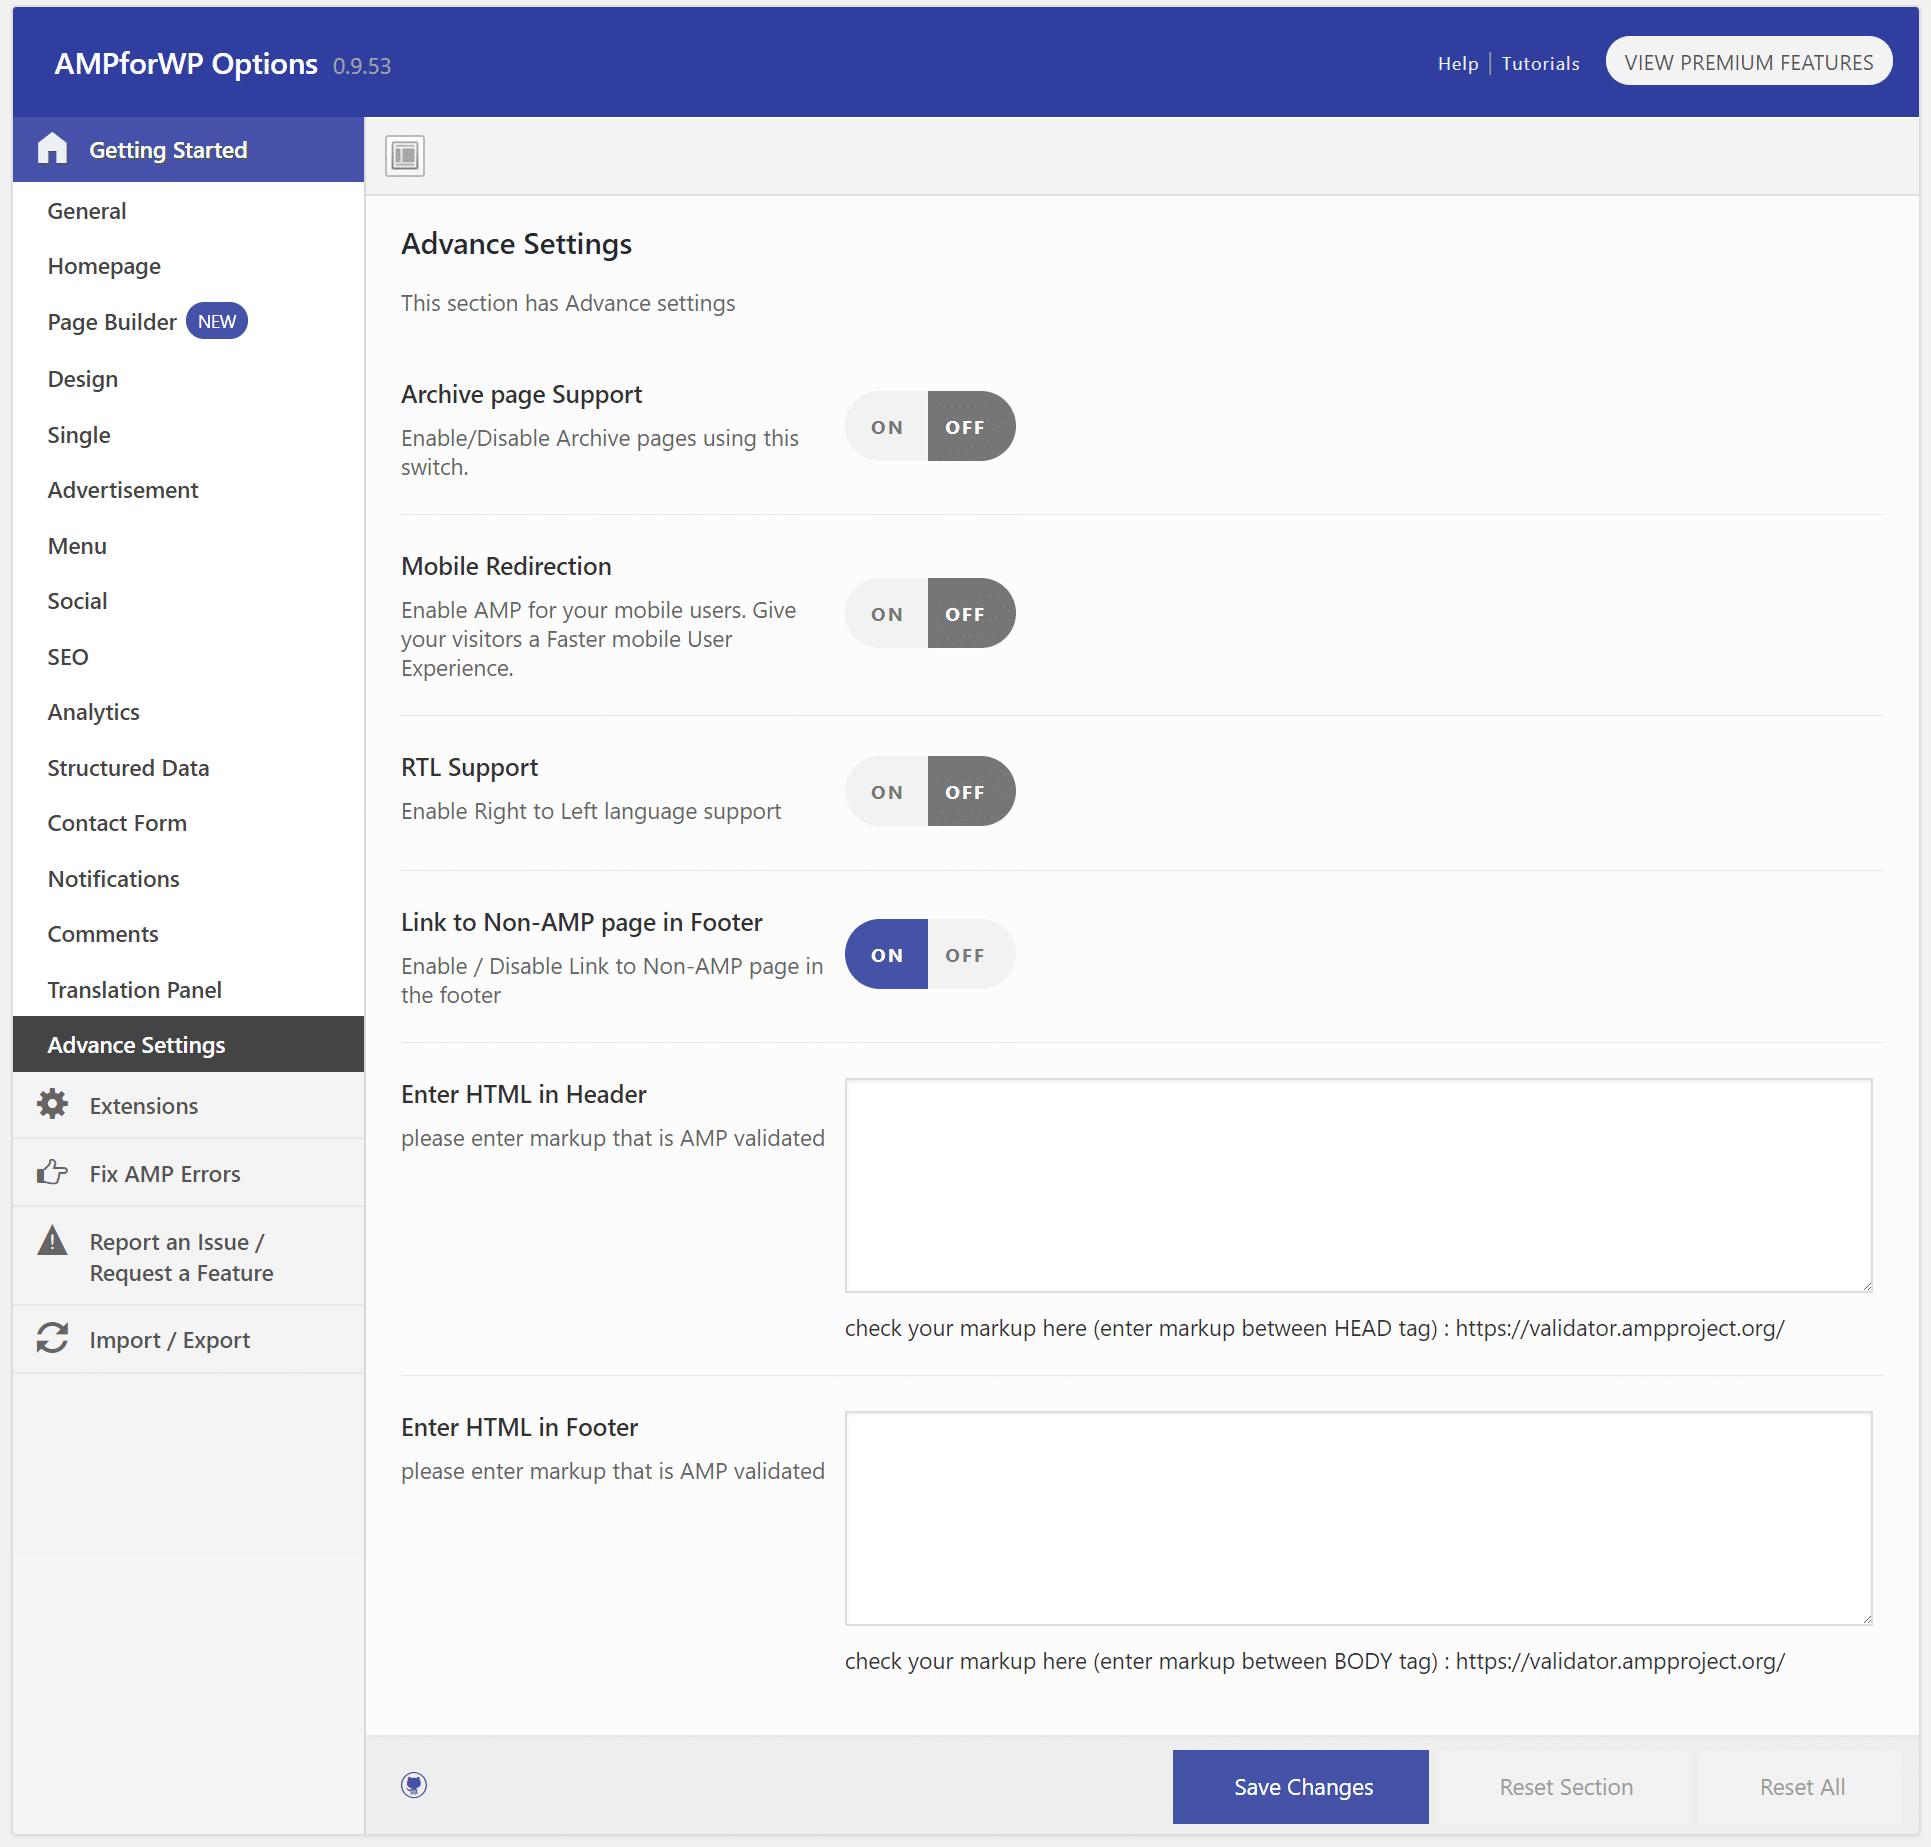 AMP advanced settings